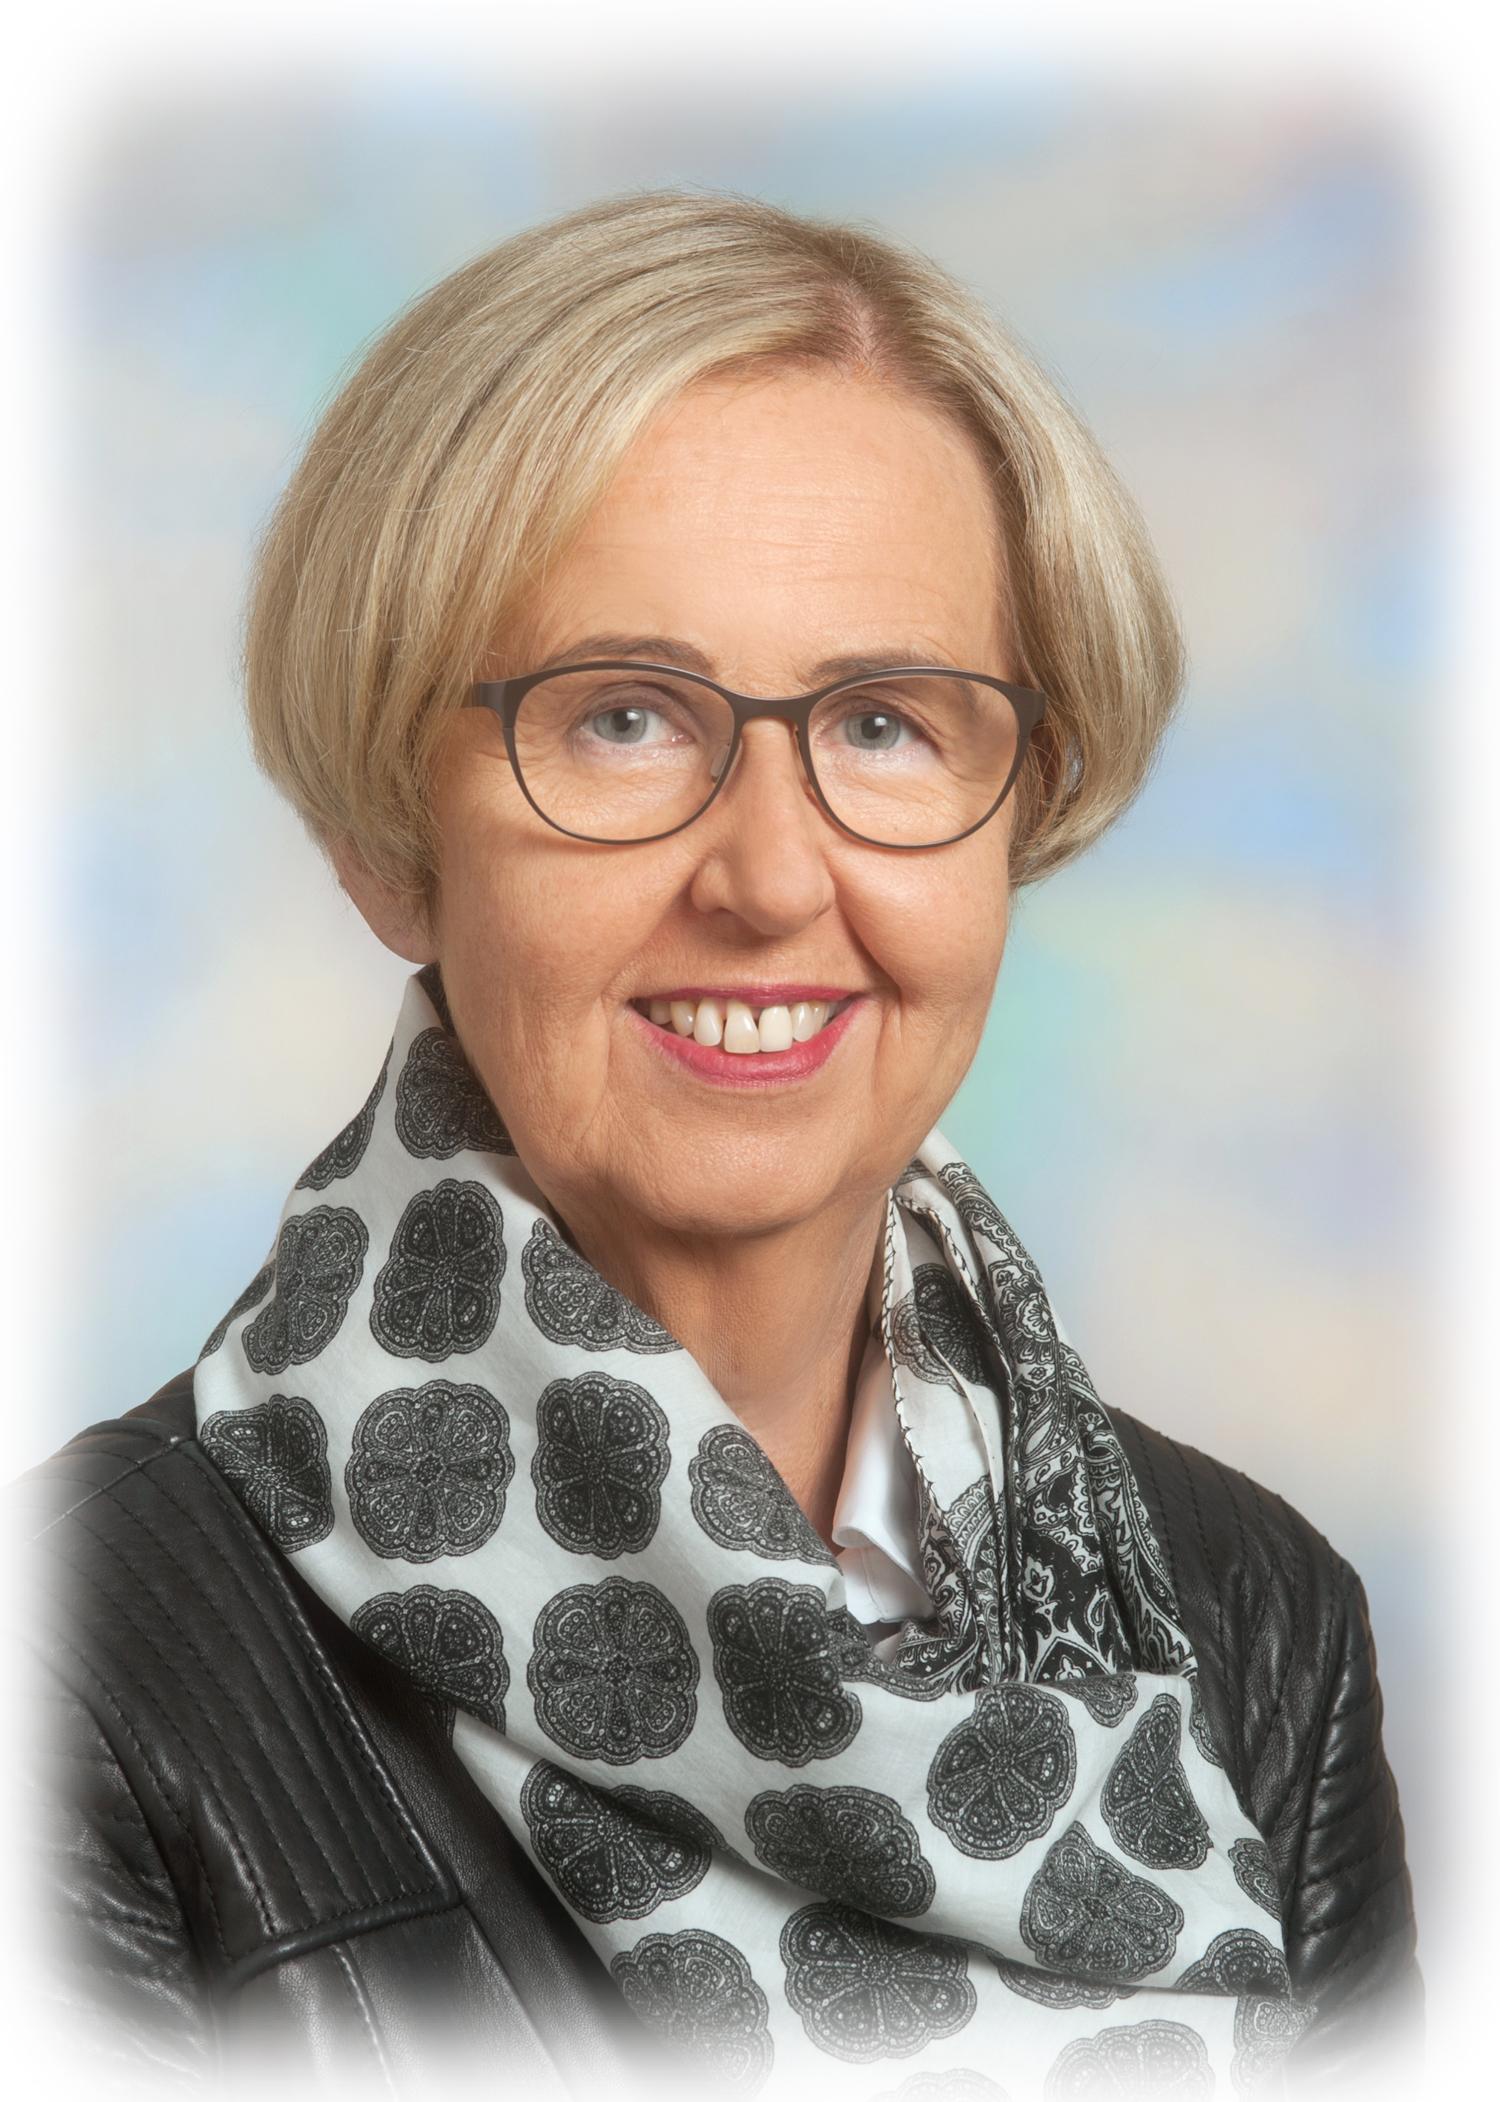 Elfriede Bracher